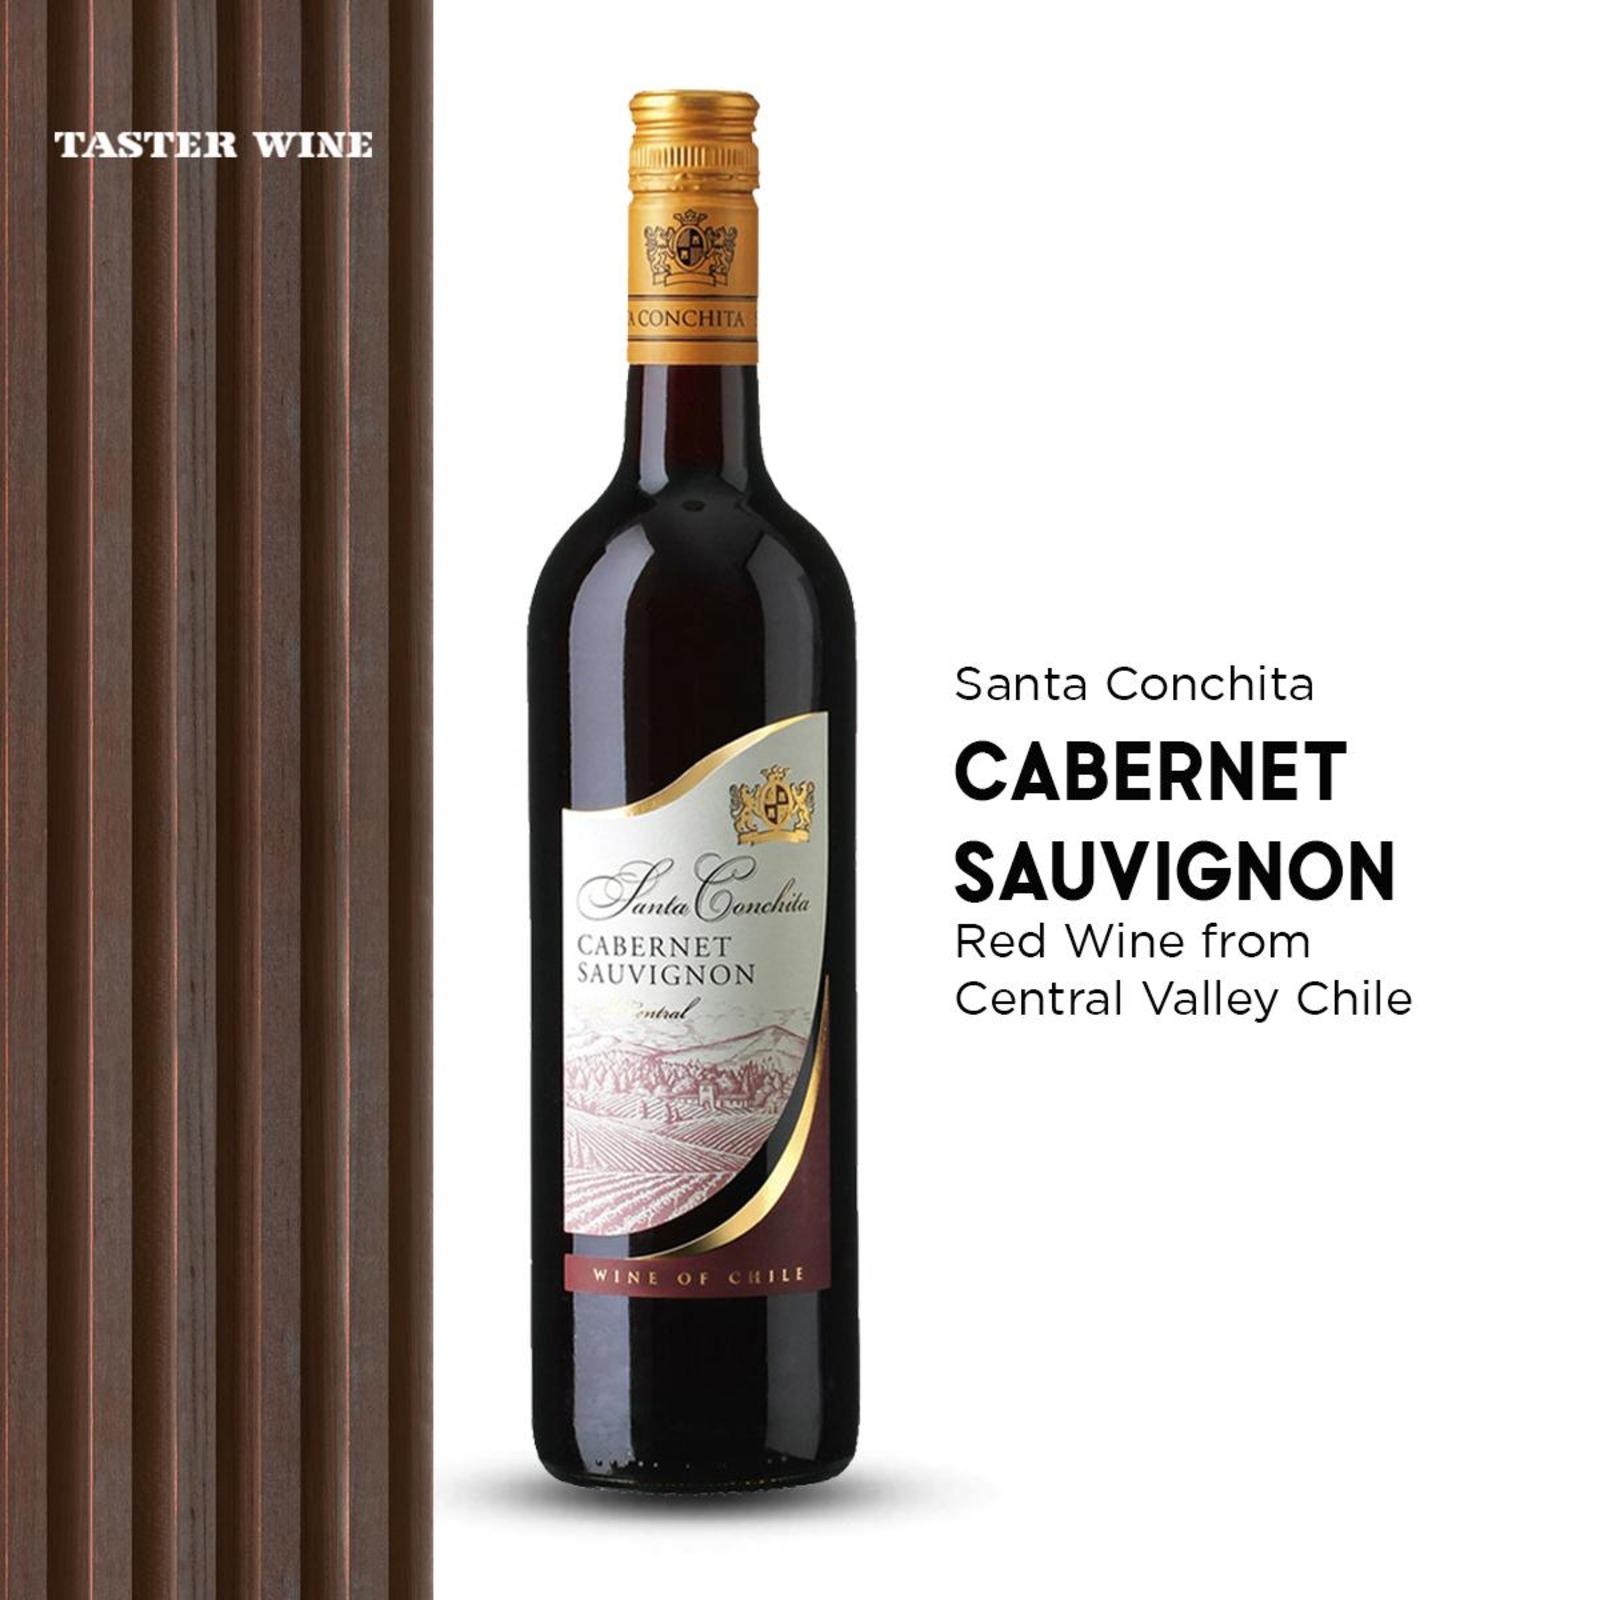 Santa Conchita Cabernet Sauvignon - Red Wine